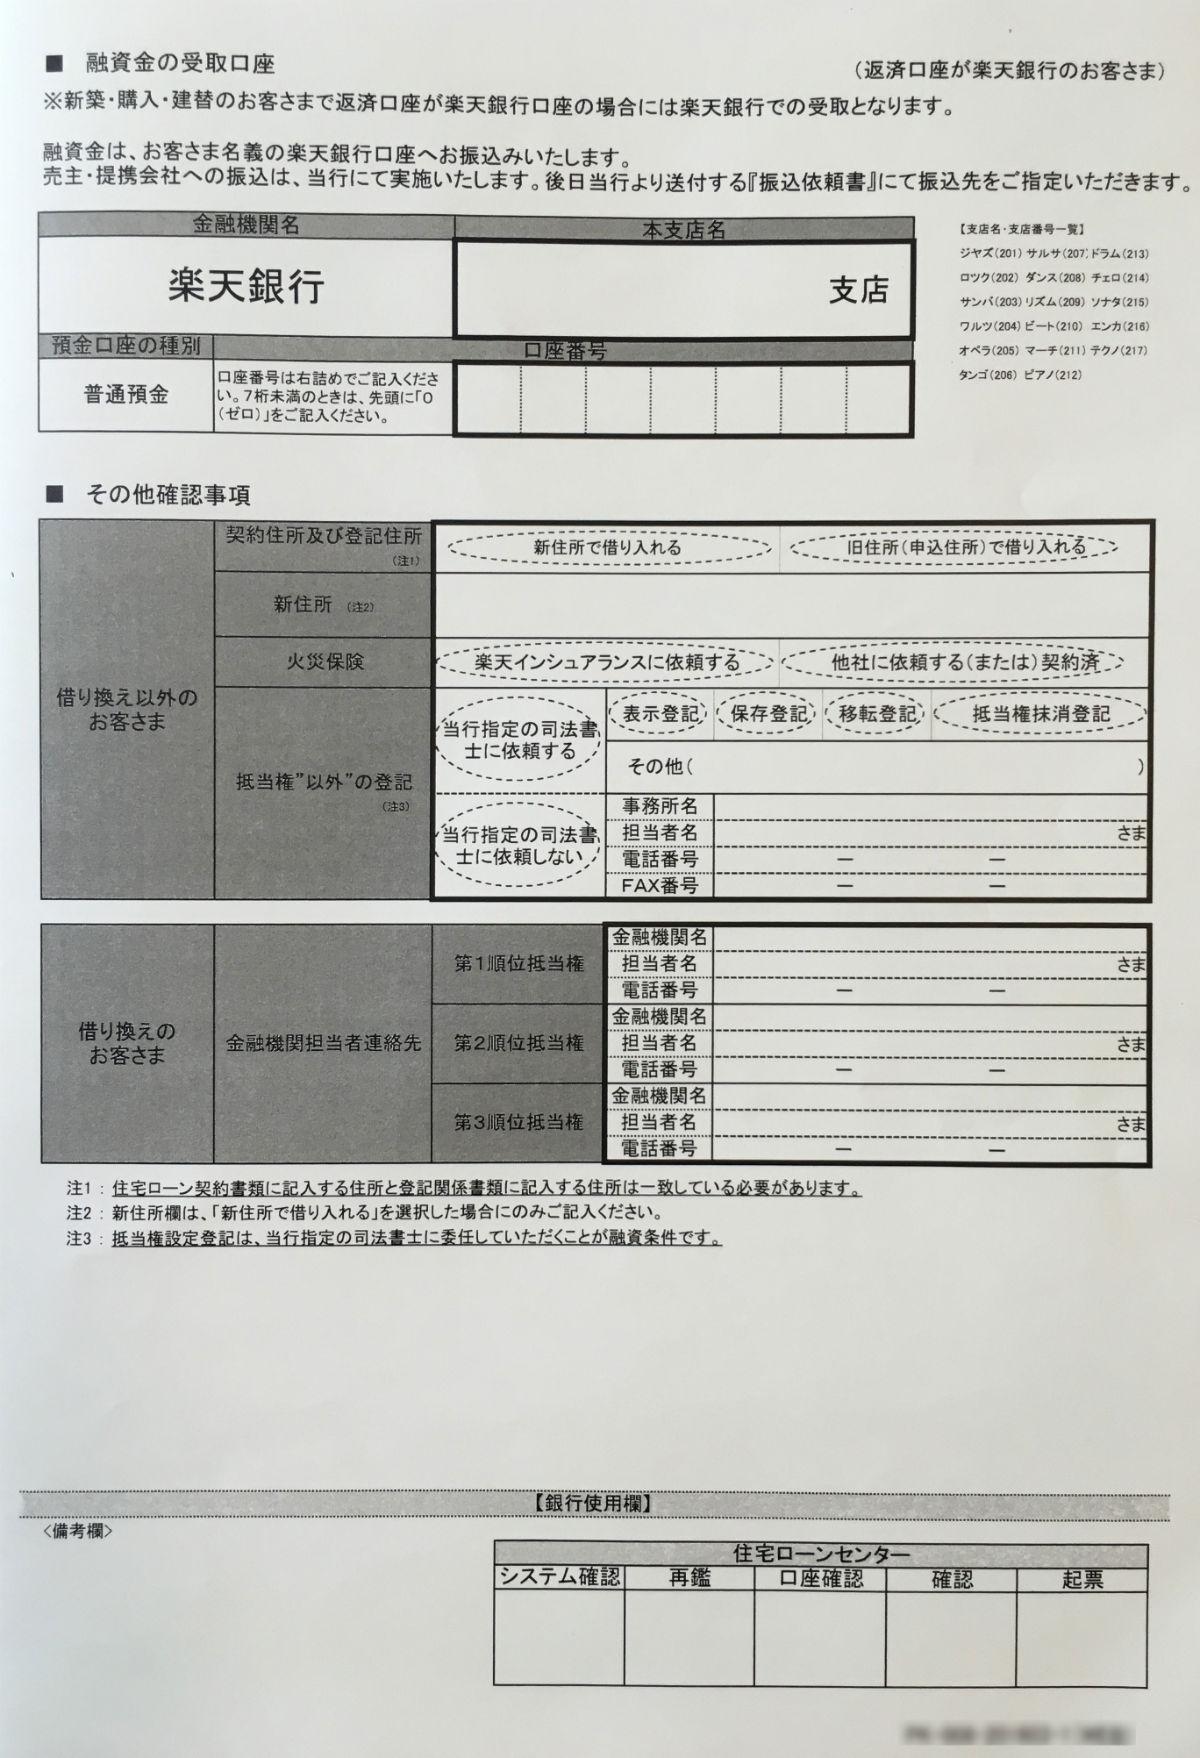 楽天銀行 契約書作成に関する連絡書の記入例2ページ目